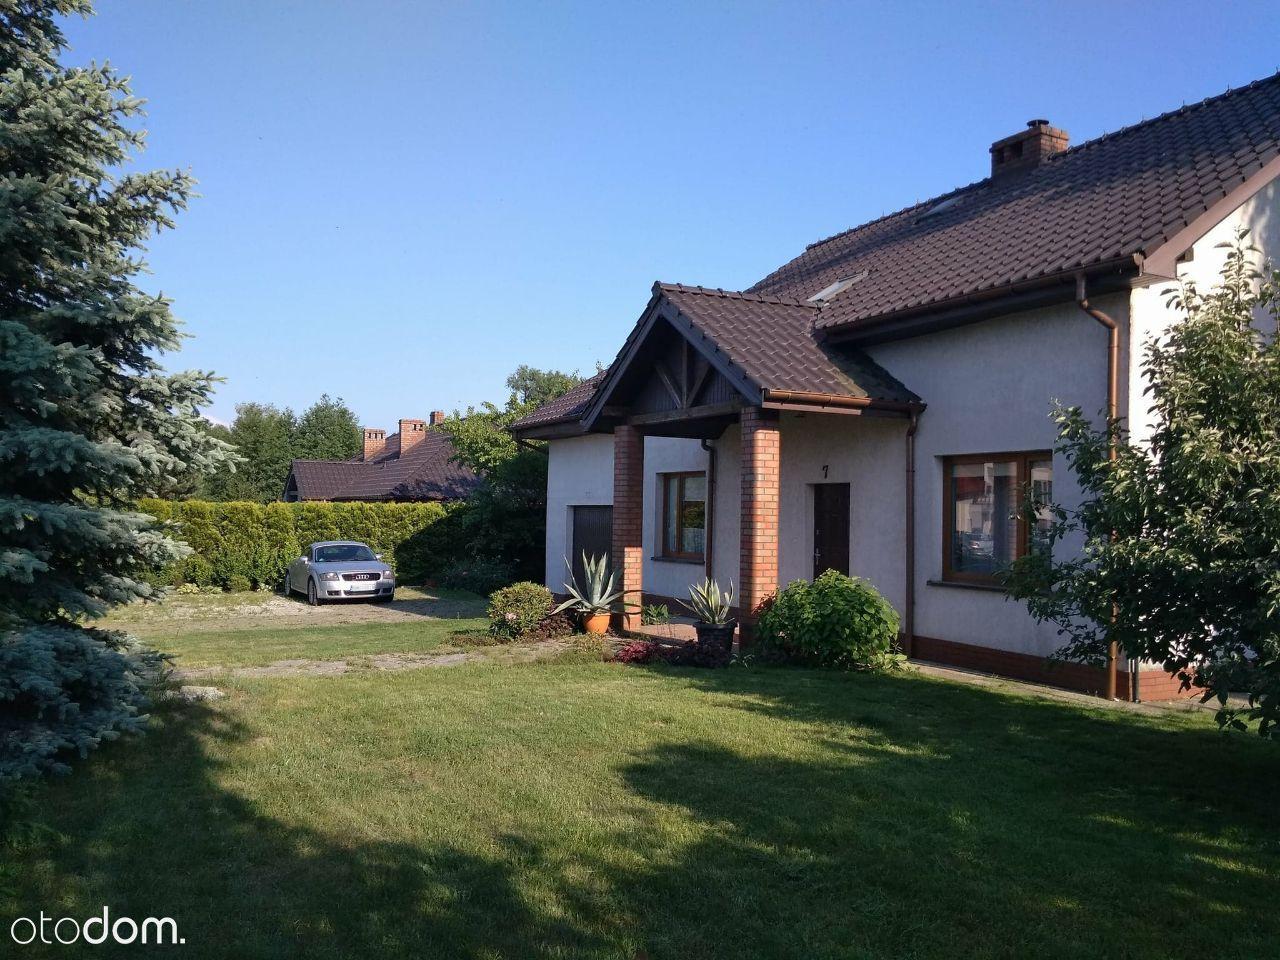 Dom na sprzedaż, Środa Śląska, średzki, dolnośląskie - Foto 2